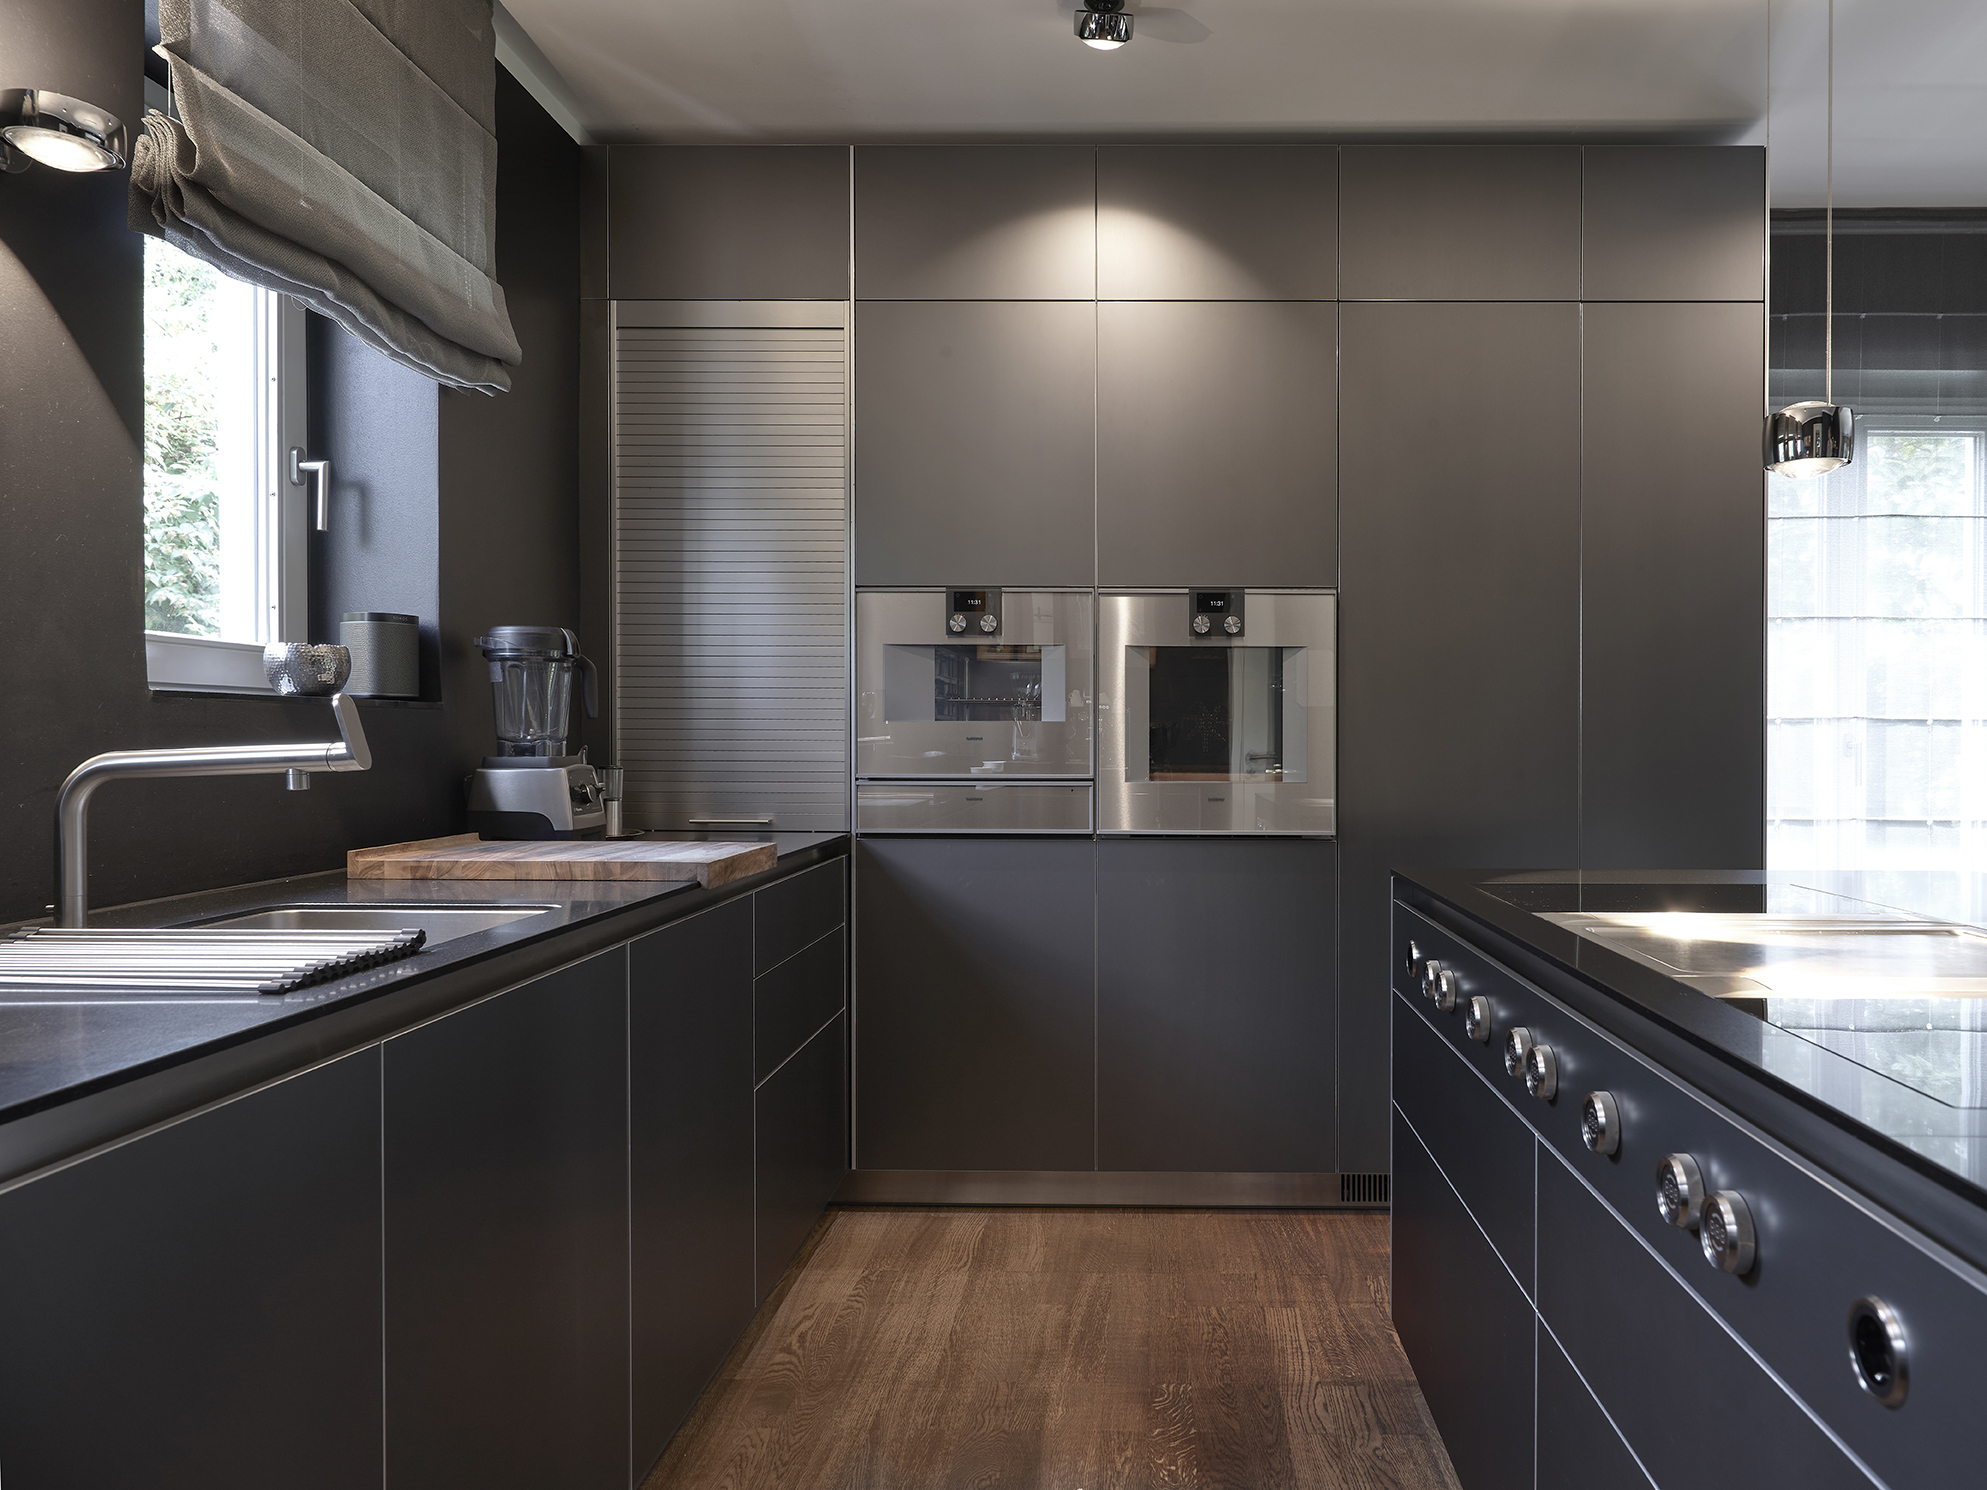 Gienger Küchen München - Referenzen